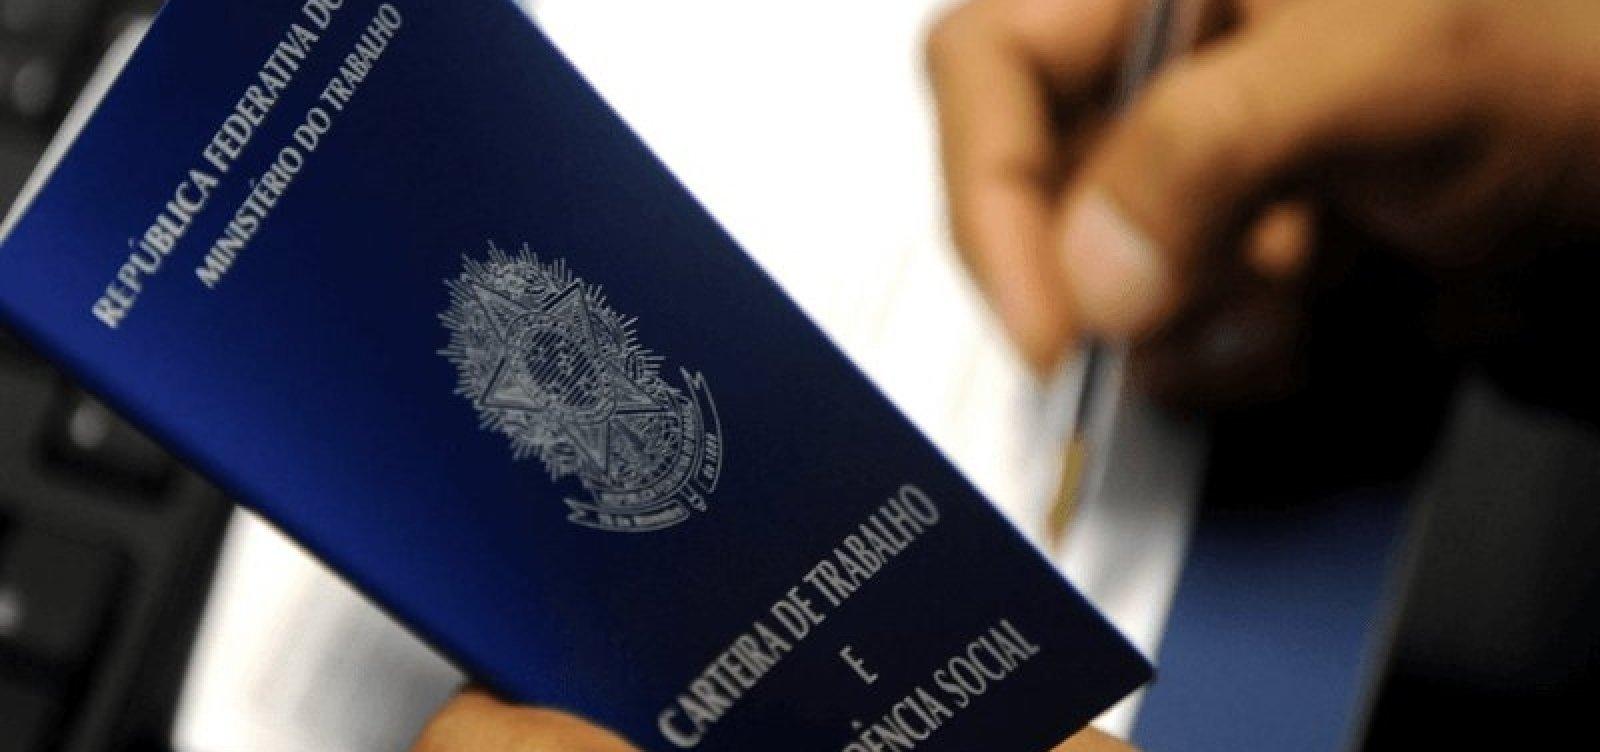 Confira as vagas de emprego oferecidas nesta quinta-feira em Salvador